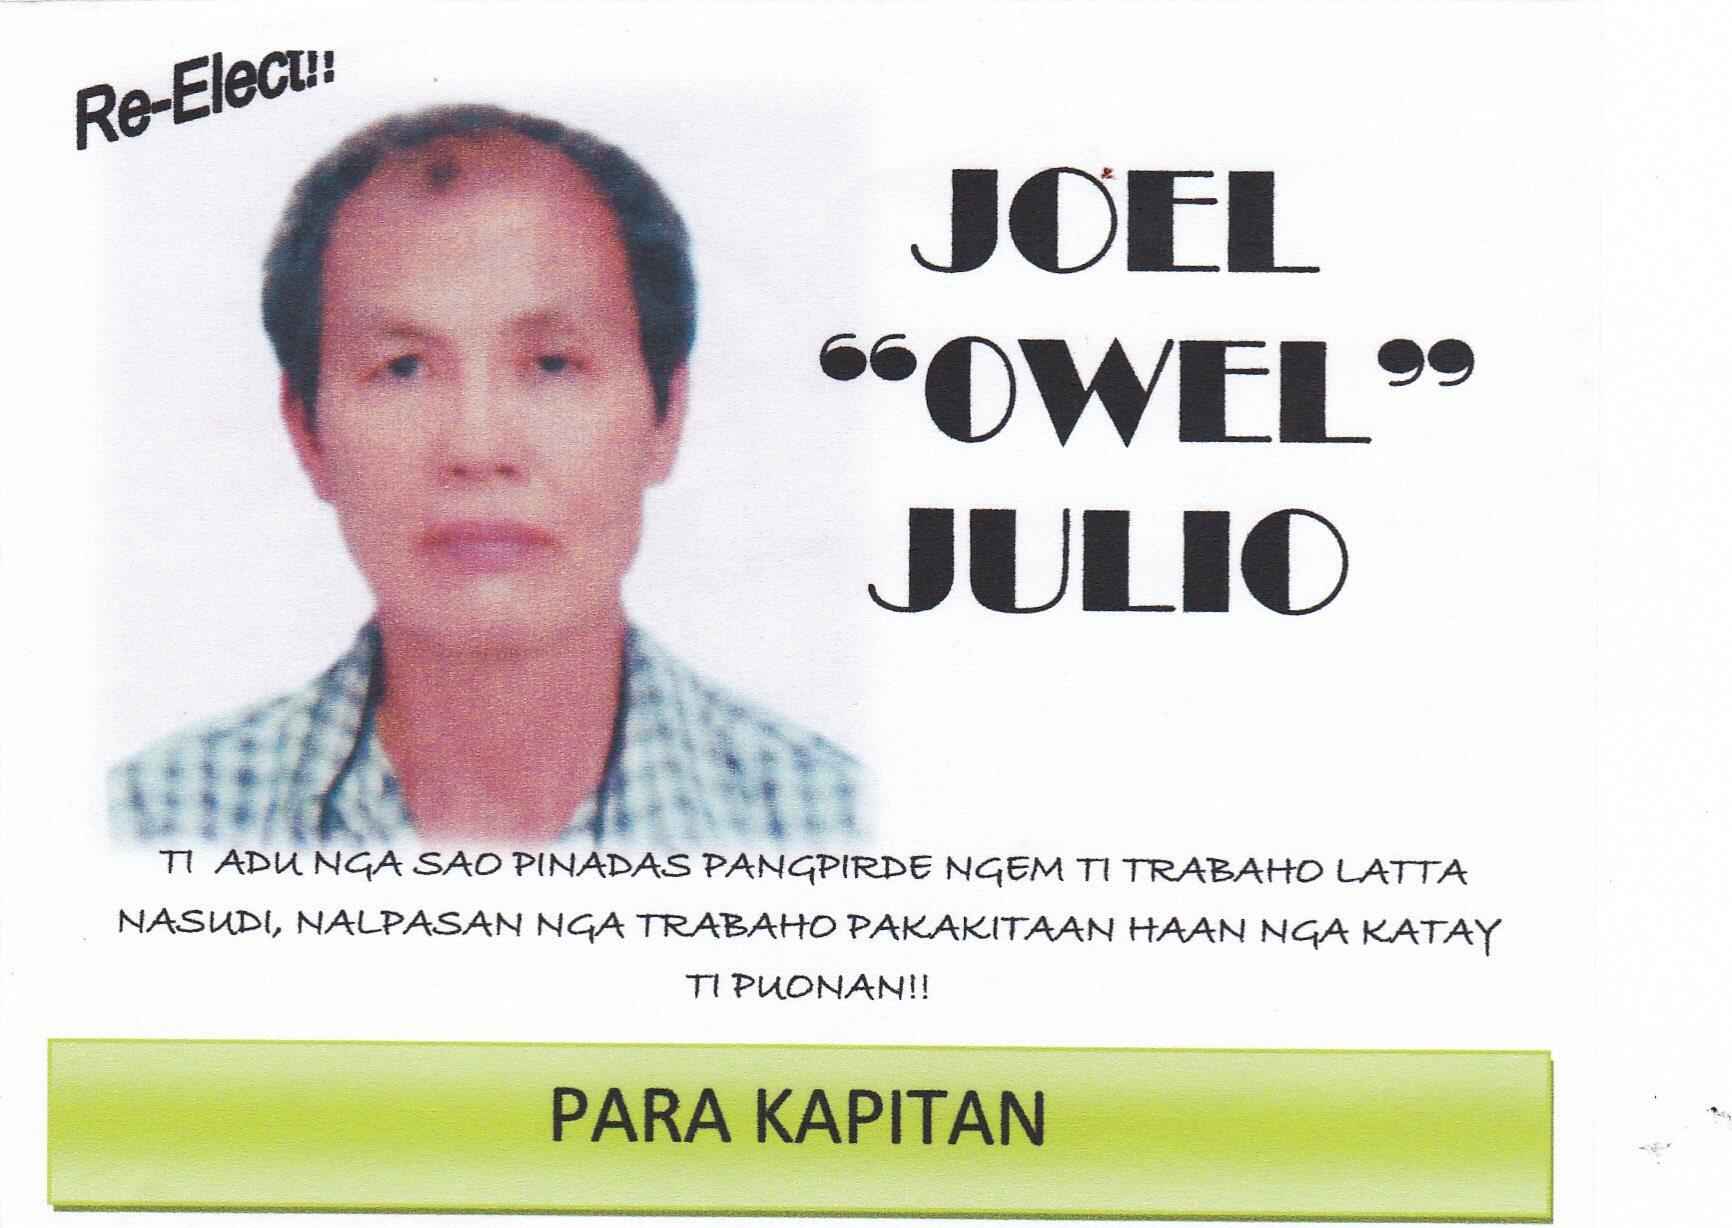 JJulio